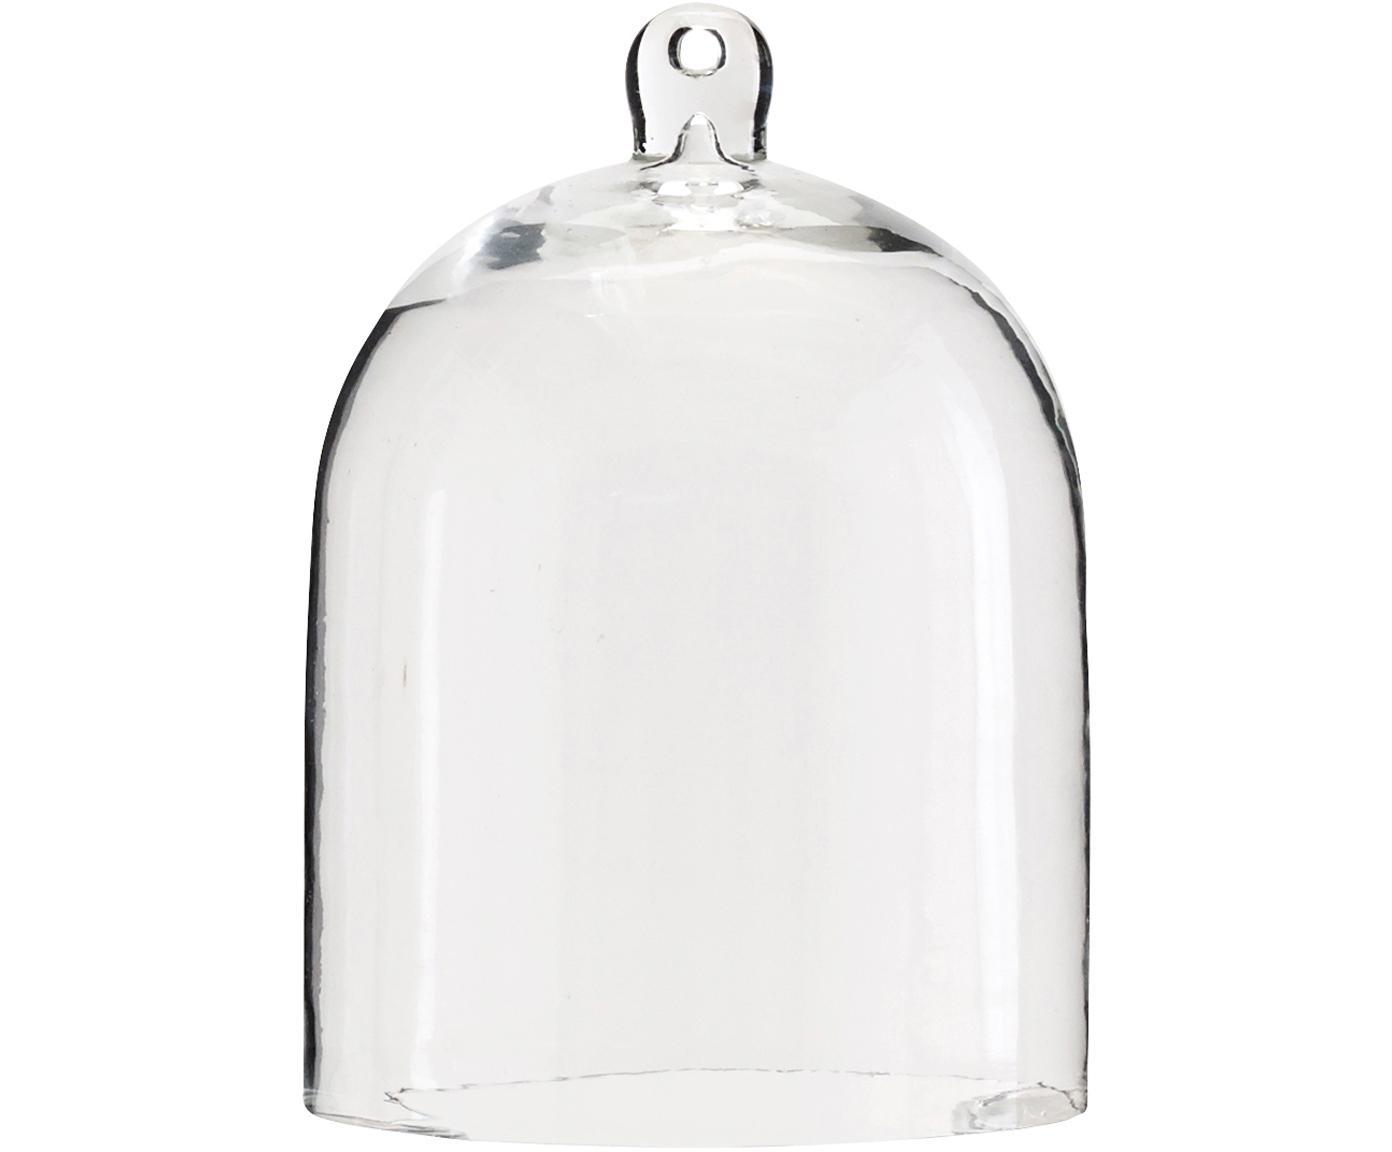 Klosz Trari, Szkło, Transparentny, Ø 13 x W 18 cm